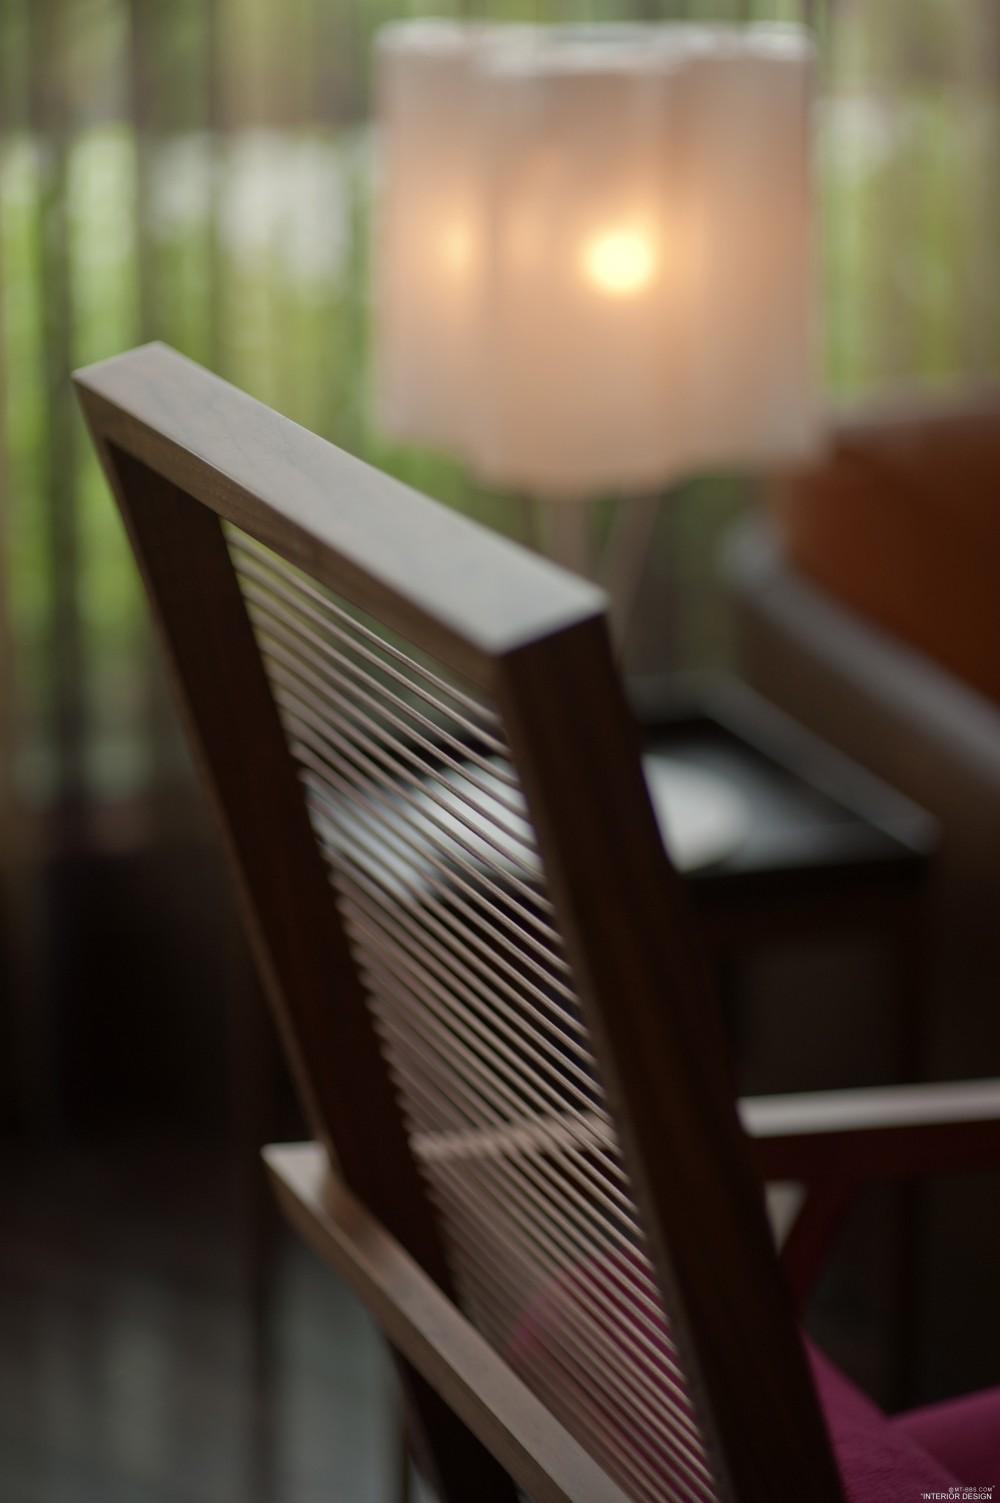 迪拜卓美亚溪畔酒店 Jumeirah Creekside Hotel_Jumeirah_Creekside_Hotel-_Crimson_Gallery-_Furniture_shot.jpg